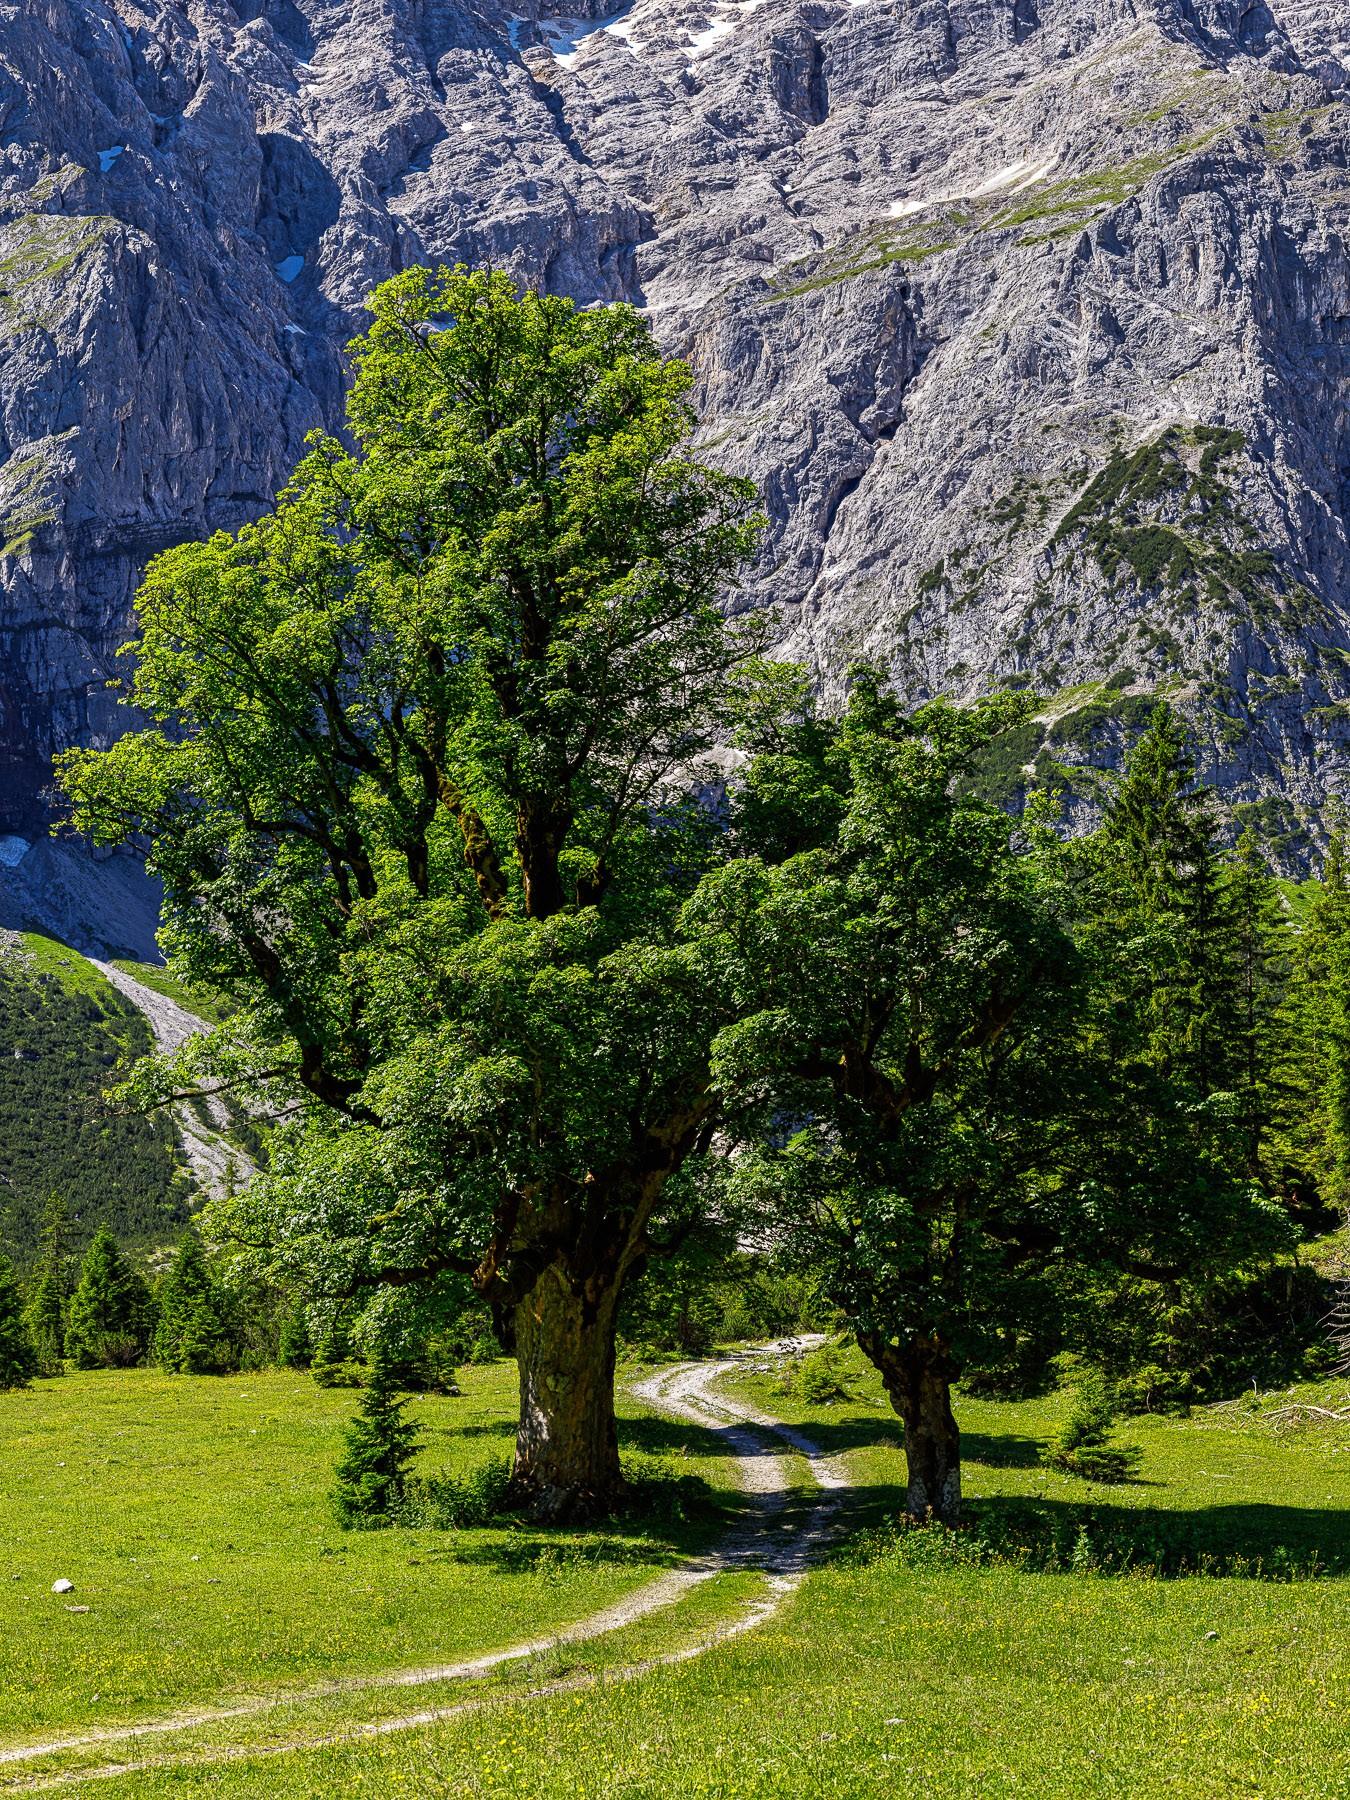 Ahornallee am Kleinen Ahornboden. Der Weg führt zwischen zwei schönen alten Ahornen hindurch Richtung Karwendelhaus.